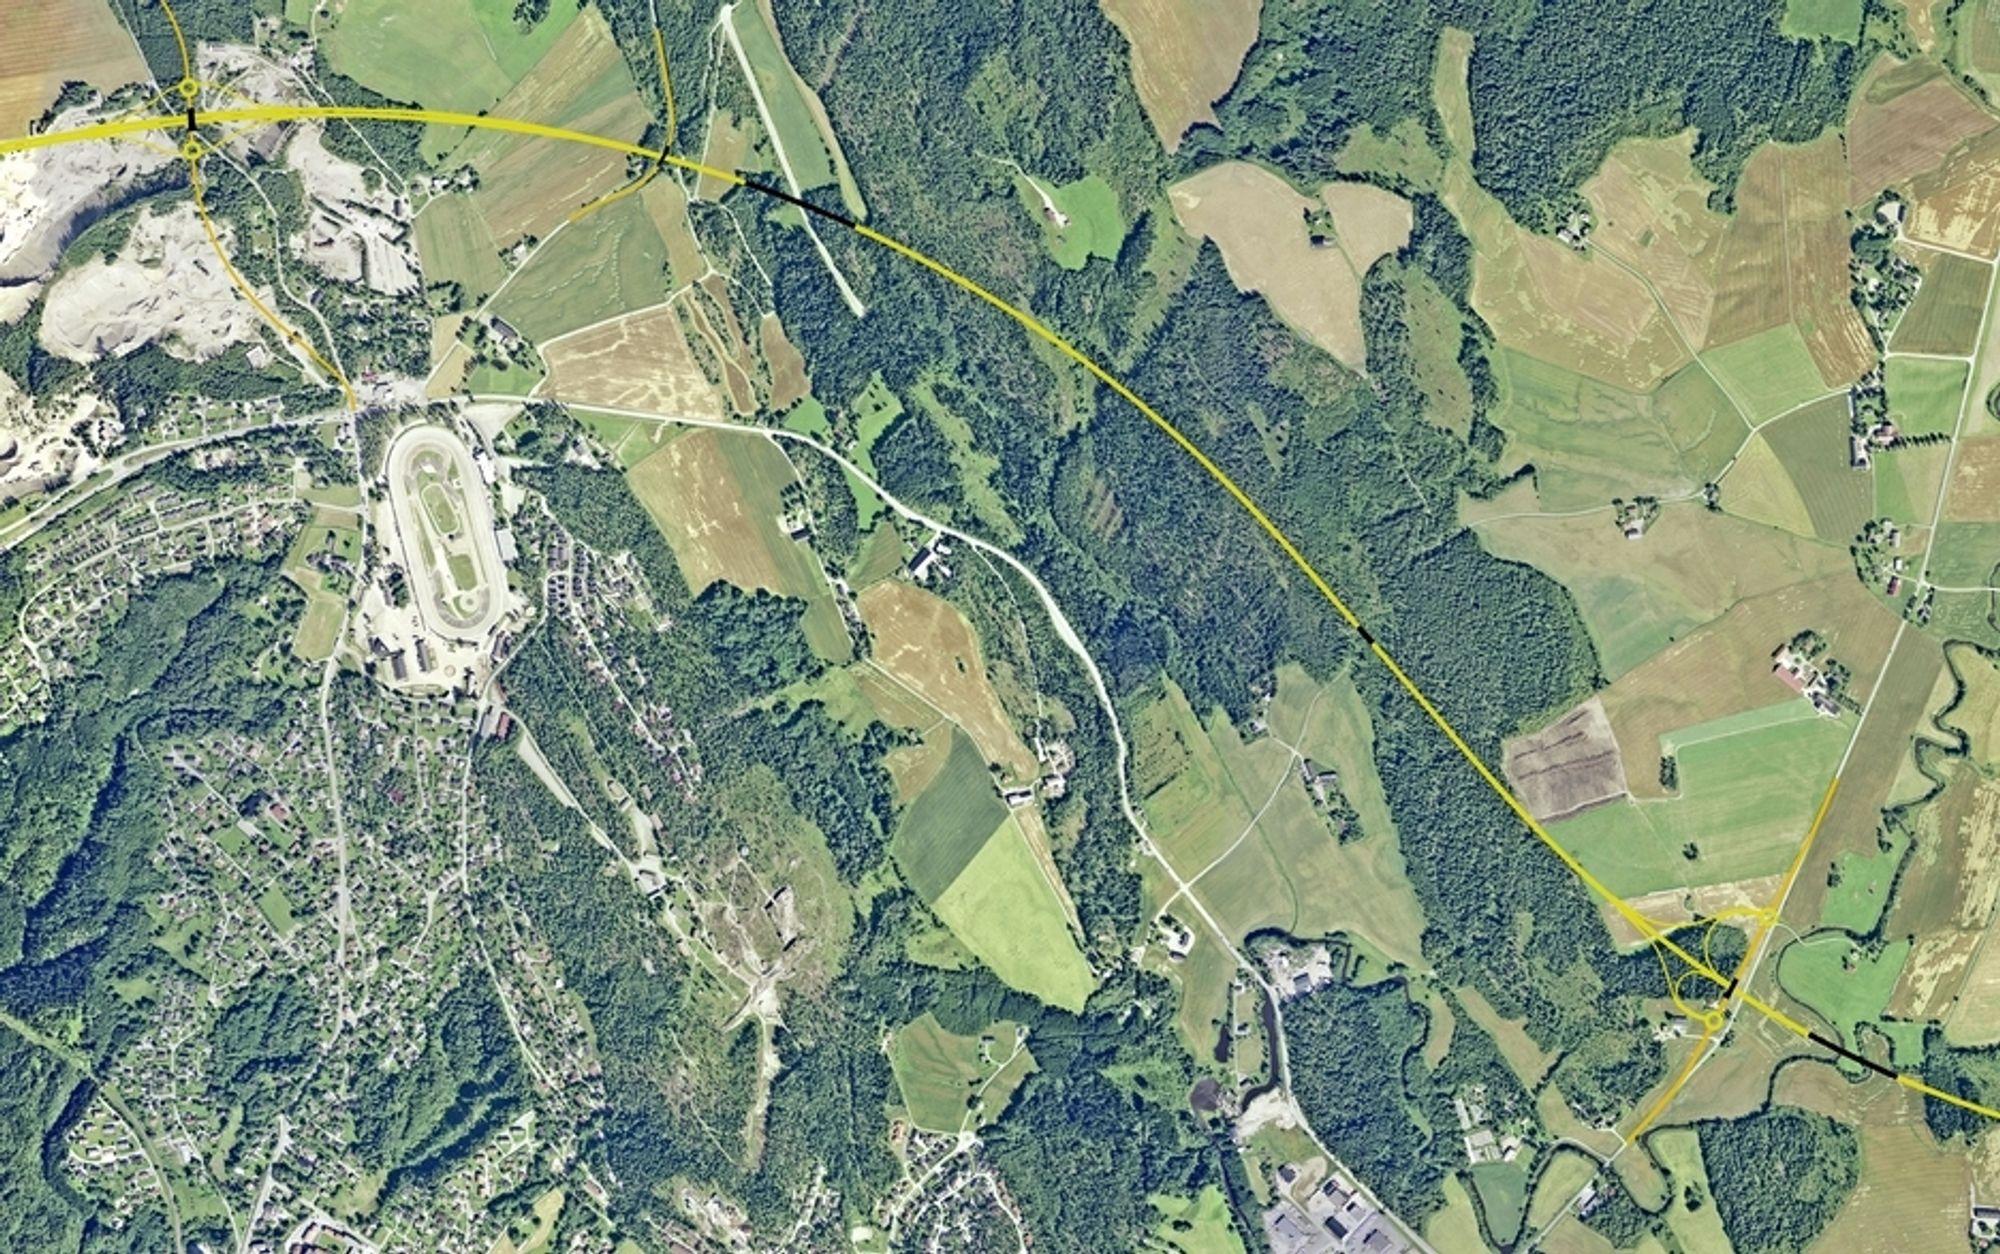 Den gule linjen markerer E 18. Momarken er øverst til høyre. Krysset nede til venstre er Homstvedtkrysset som er østre endepunkt for strekningen som er utlyst. Ill.: Statens vegvesen